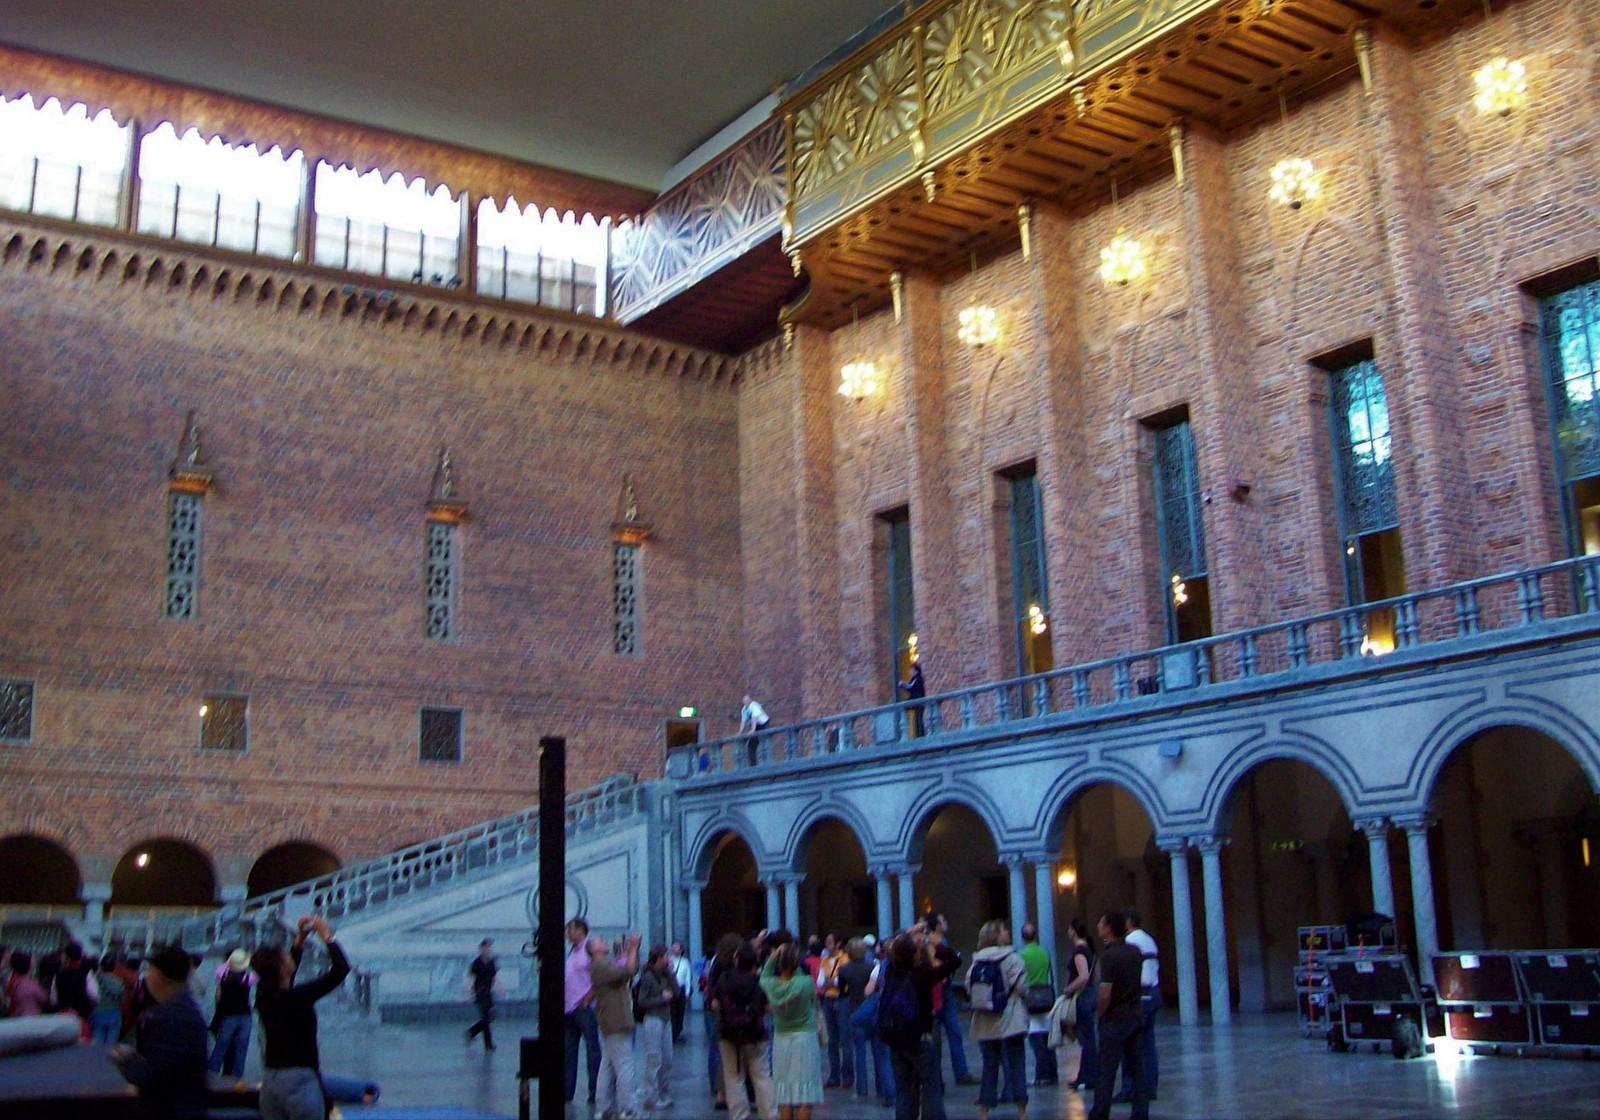 Blaue Halle im Stockholmer Rathaus